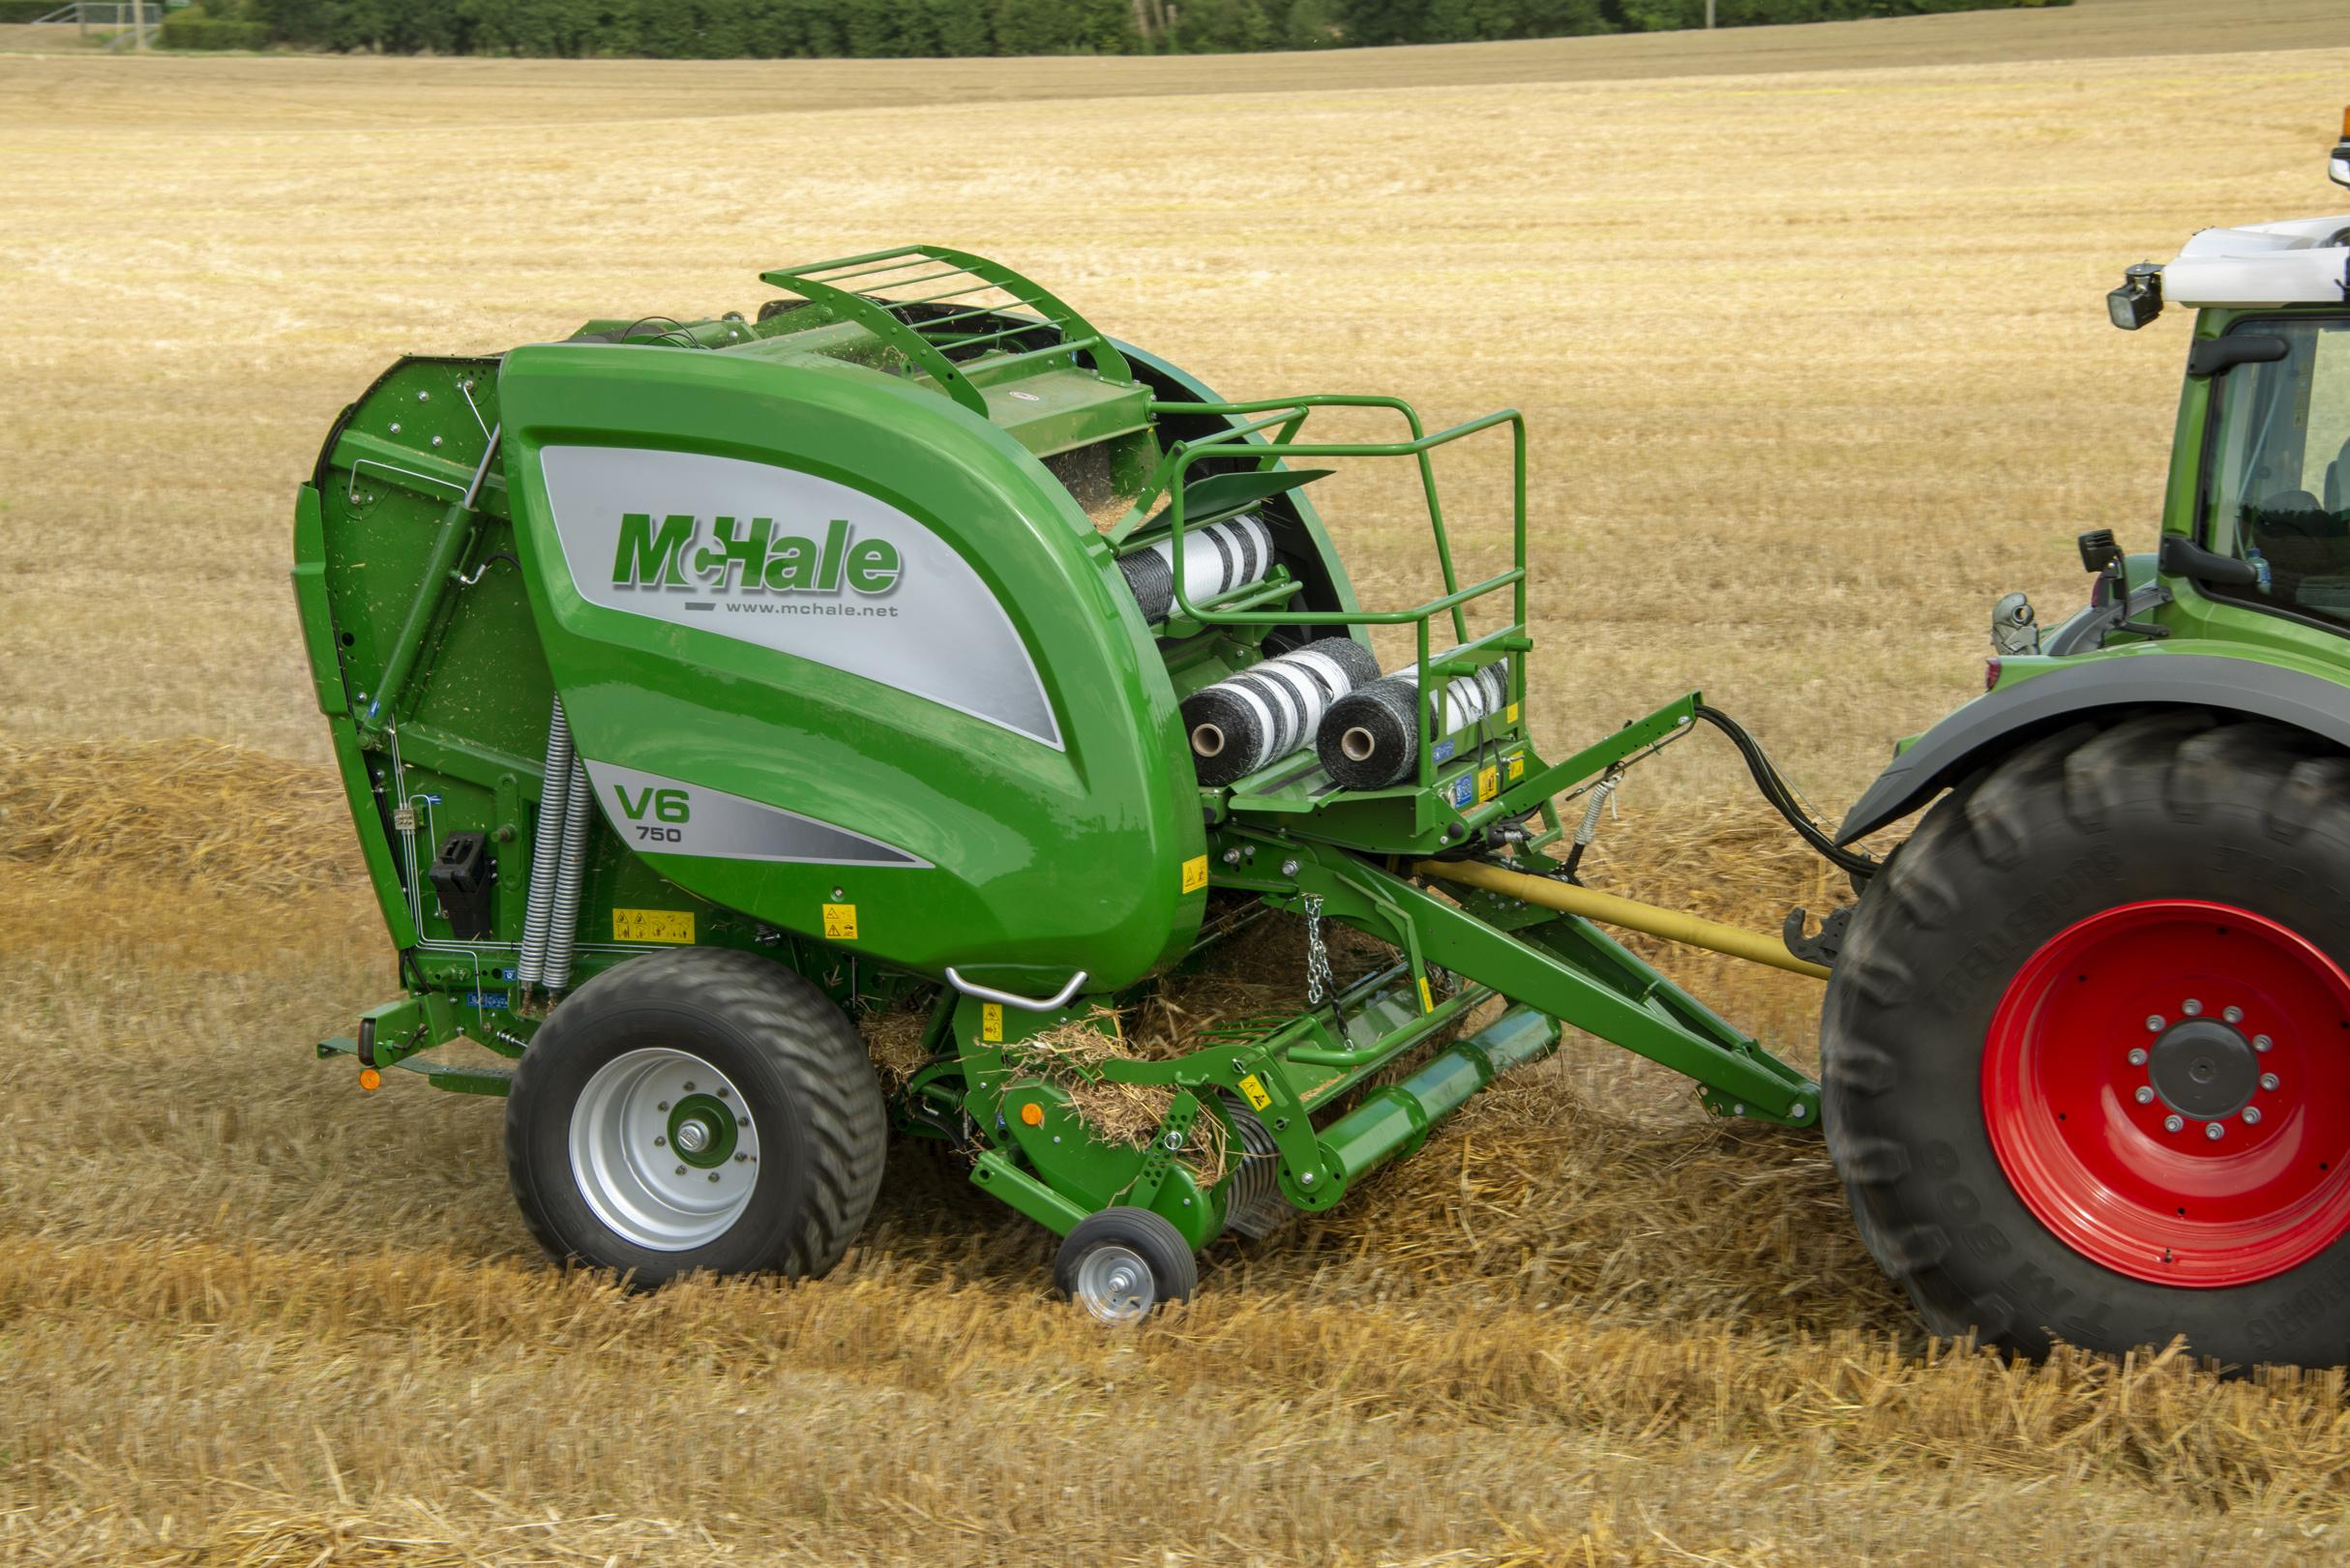 McHale V6750